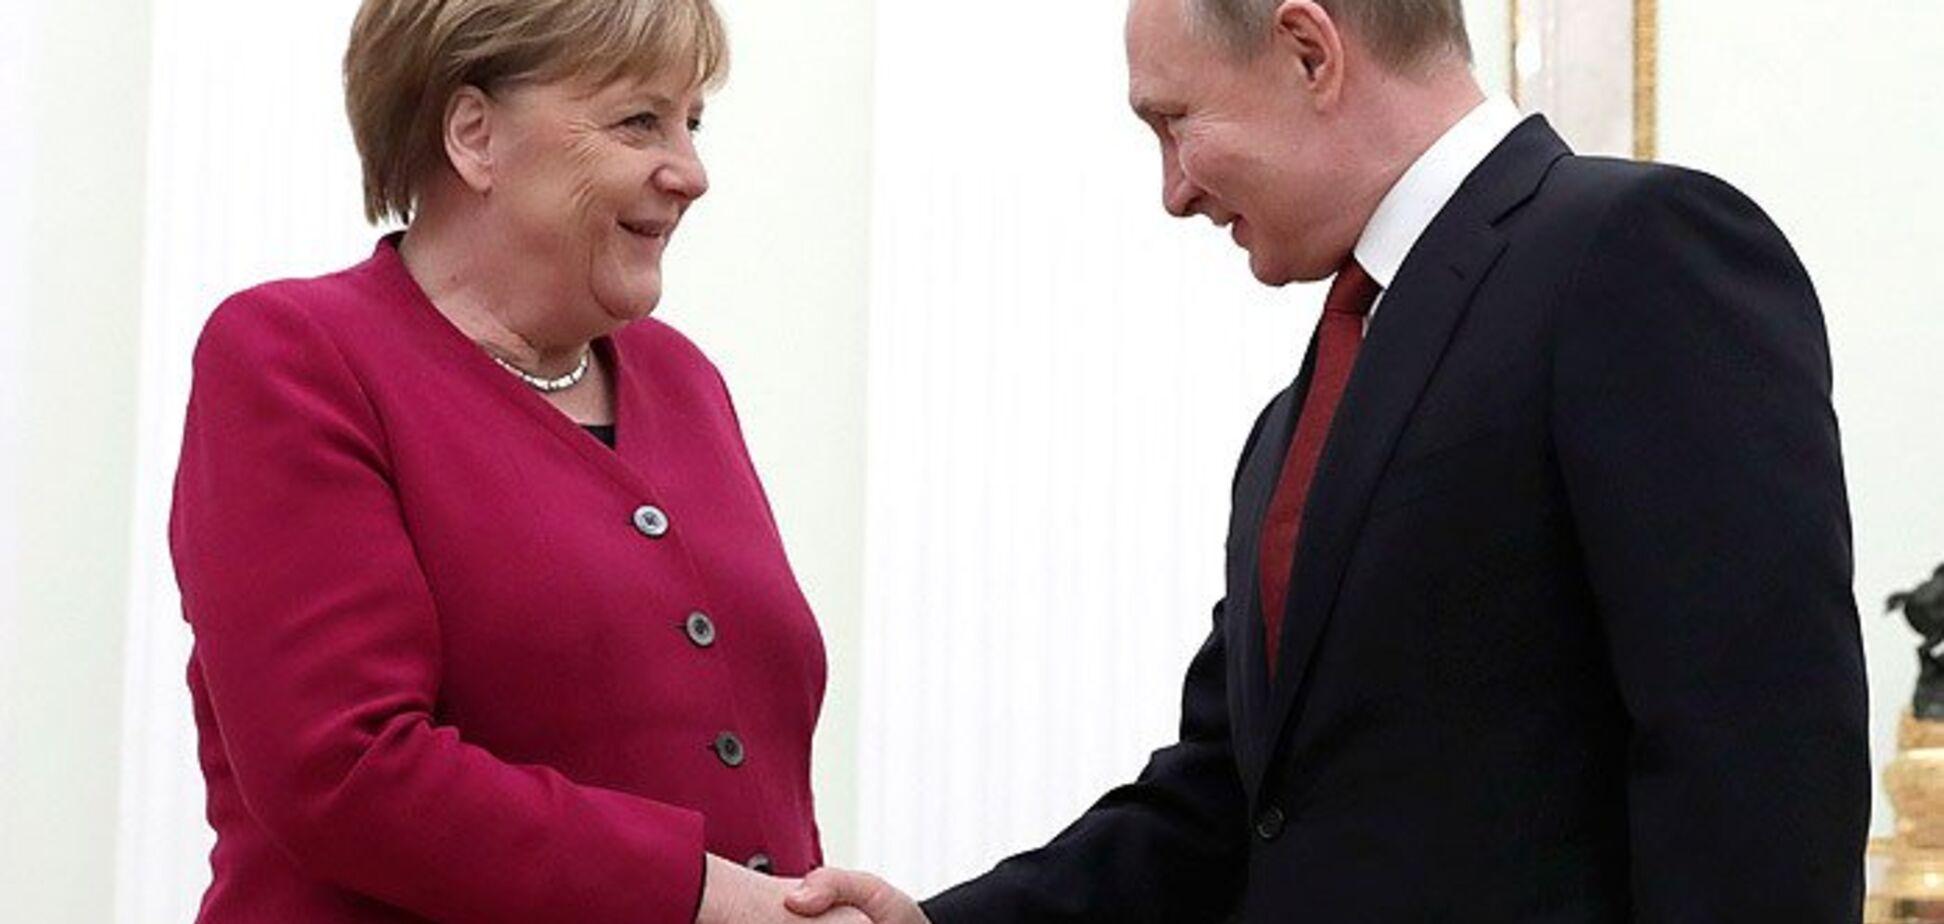 Говорили об Украине: Меркель срочно позвонила Путину